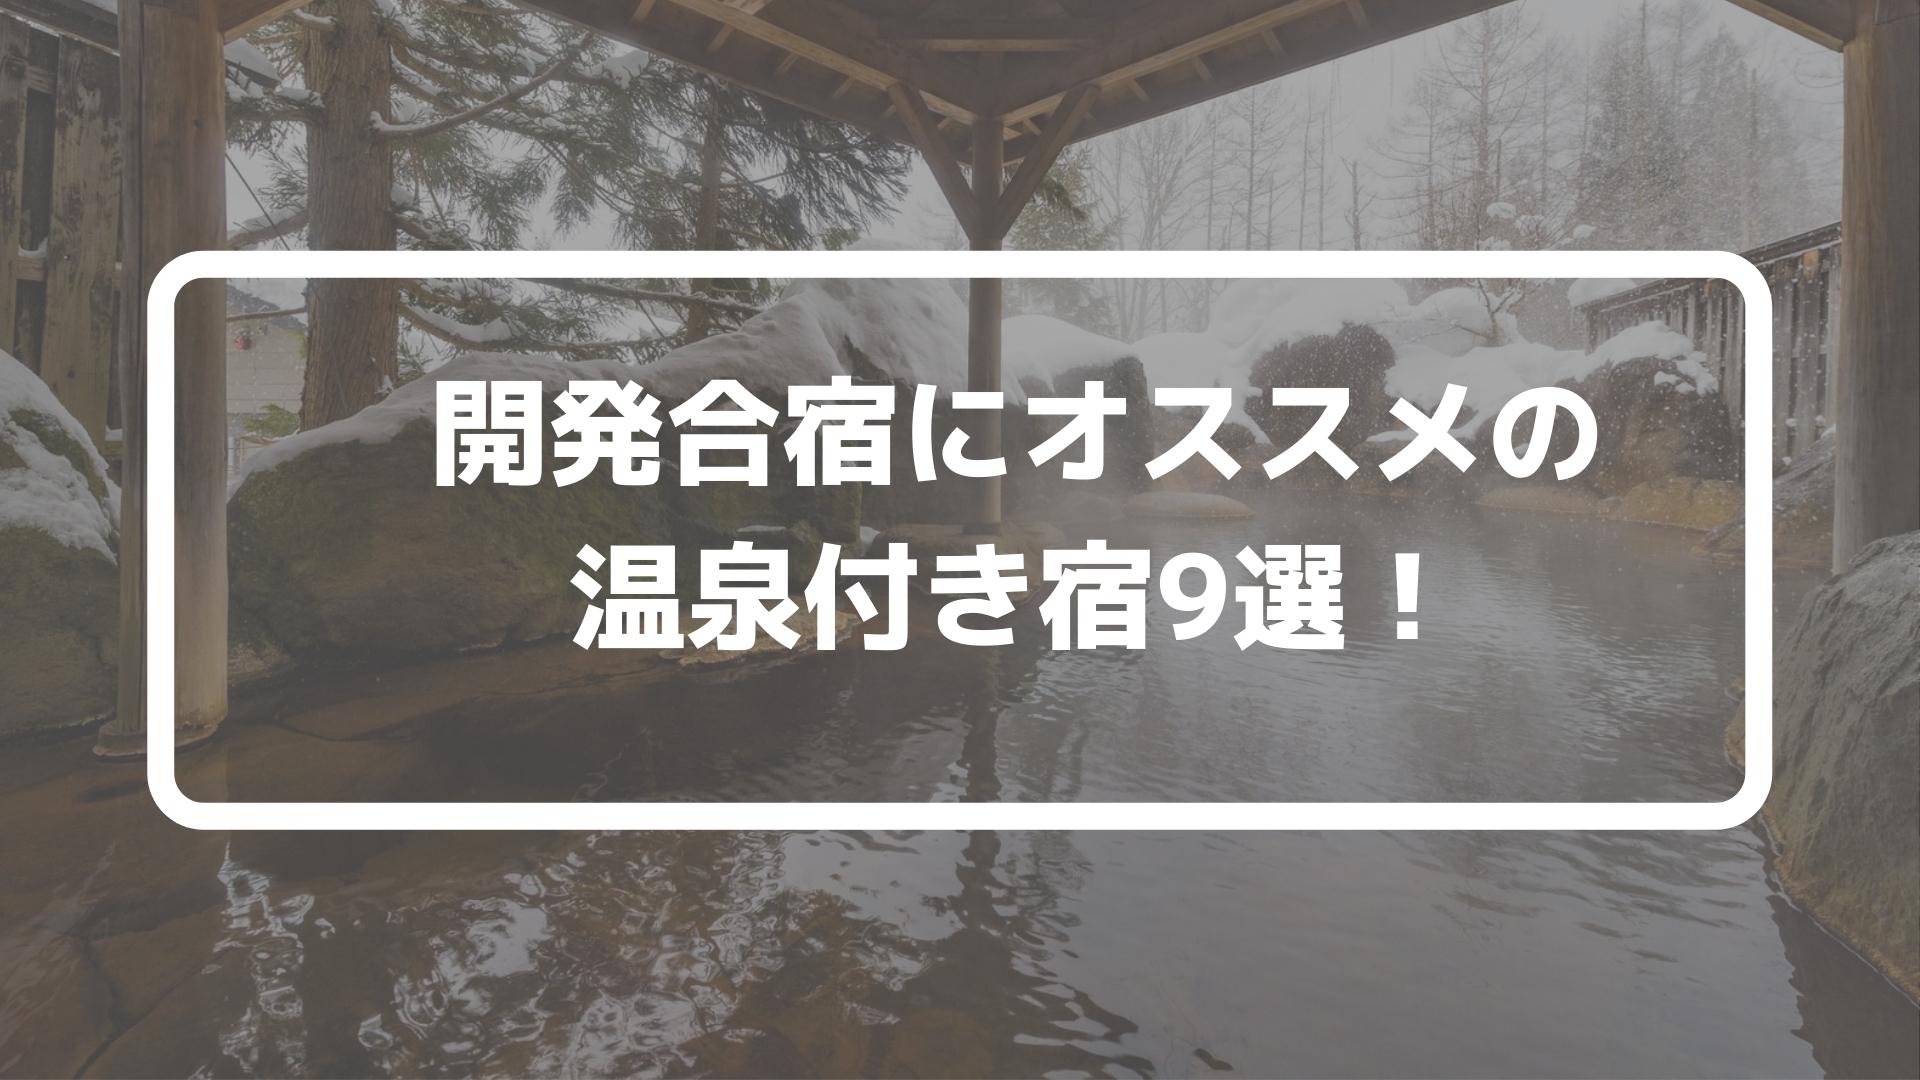 開発合宿温泉 (1)